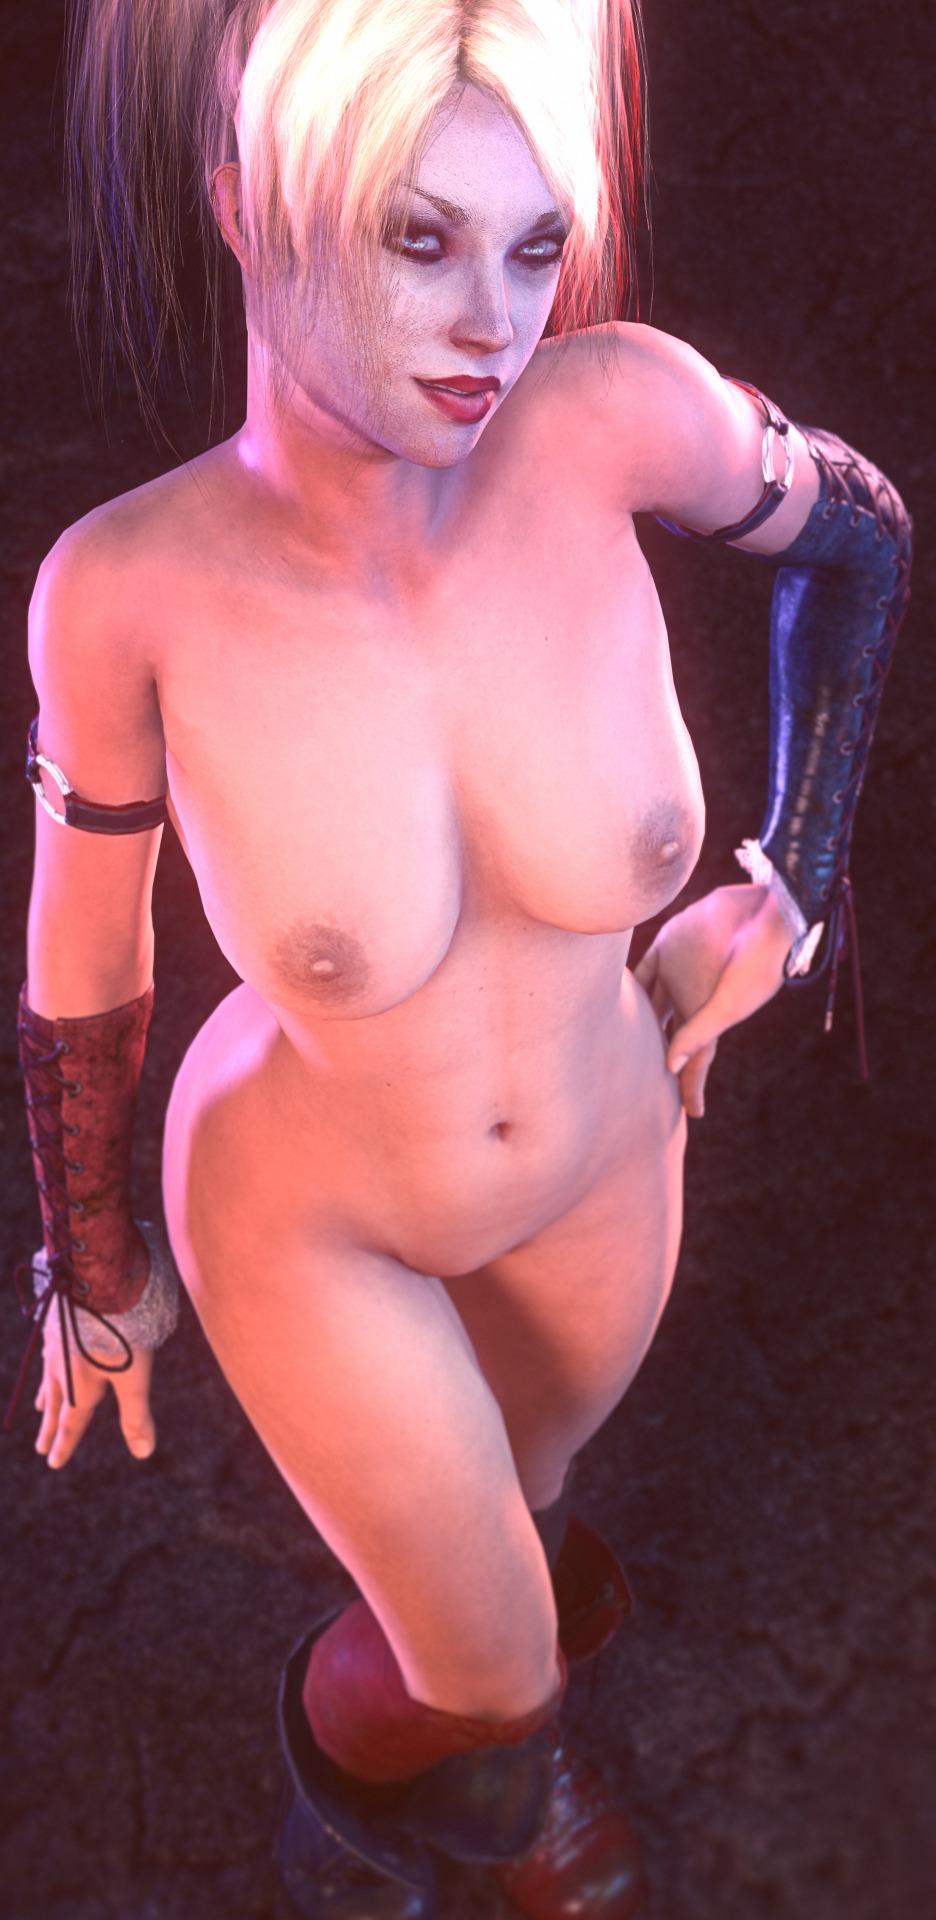 Looking Porn 22